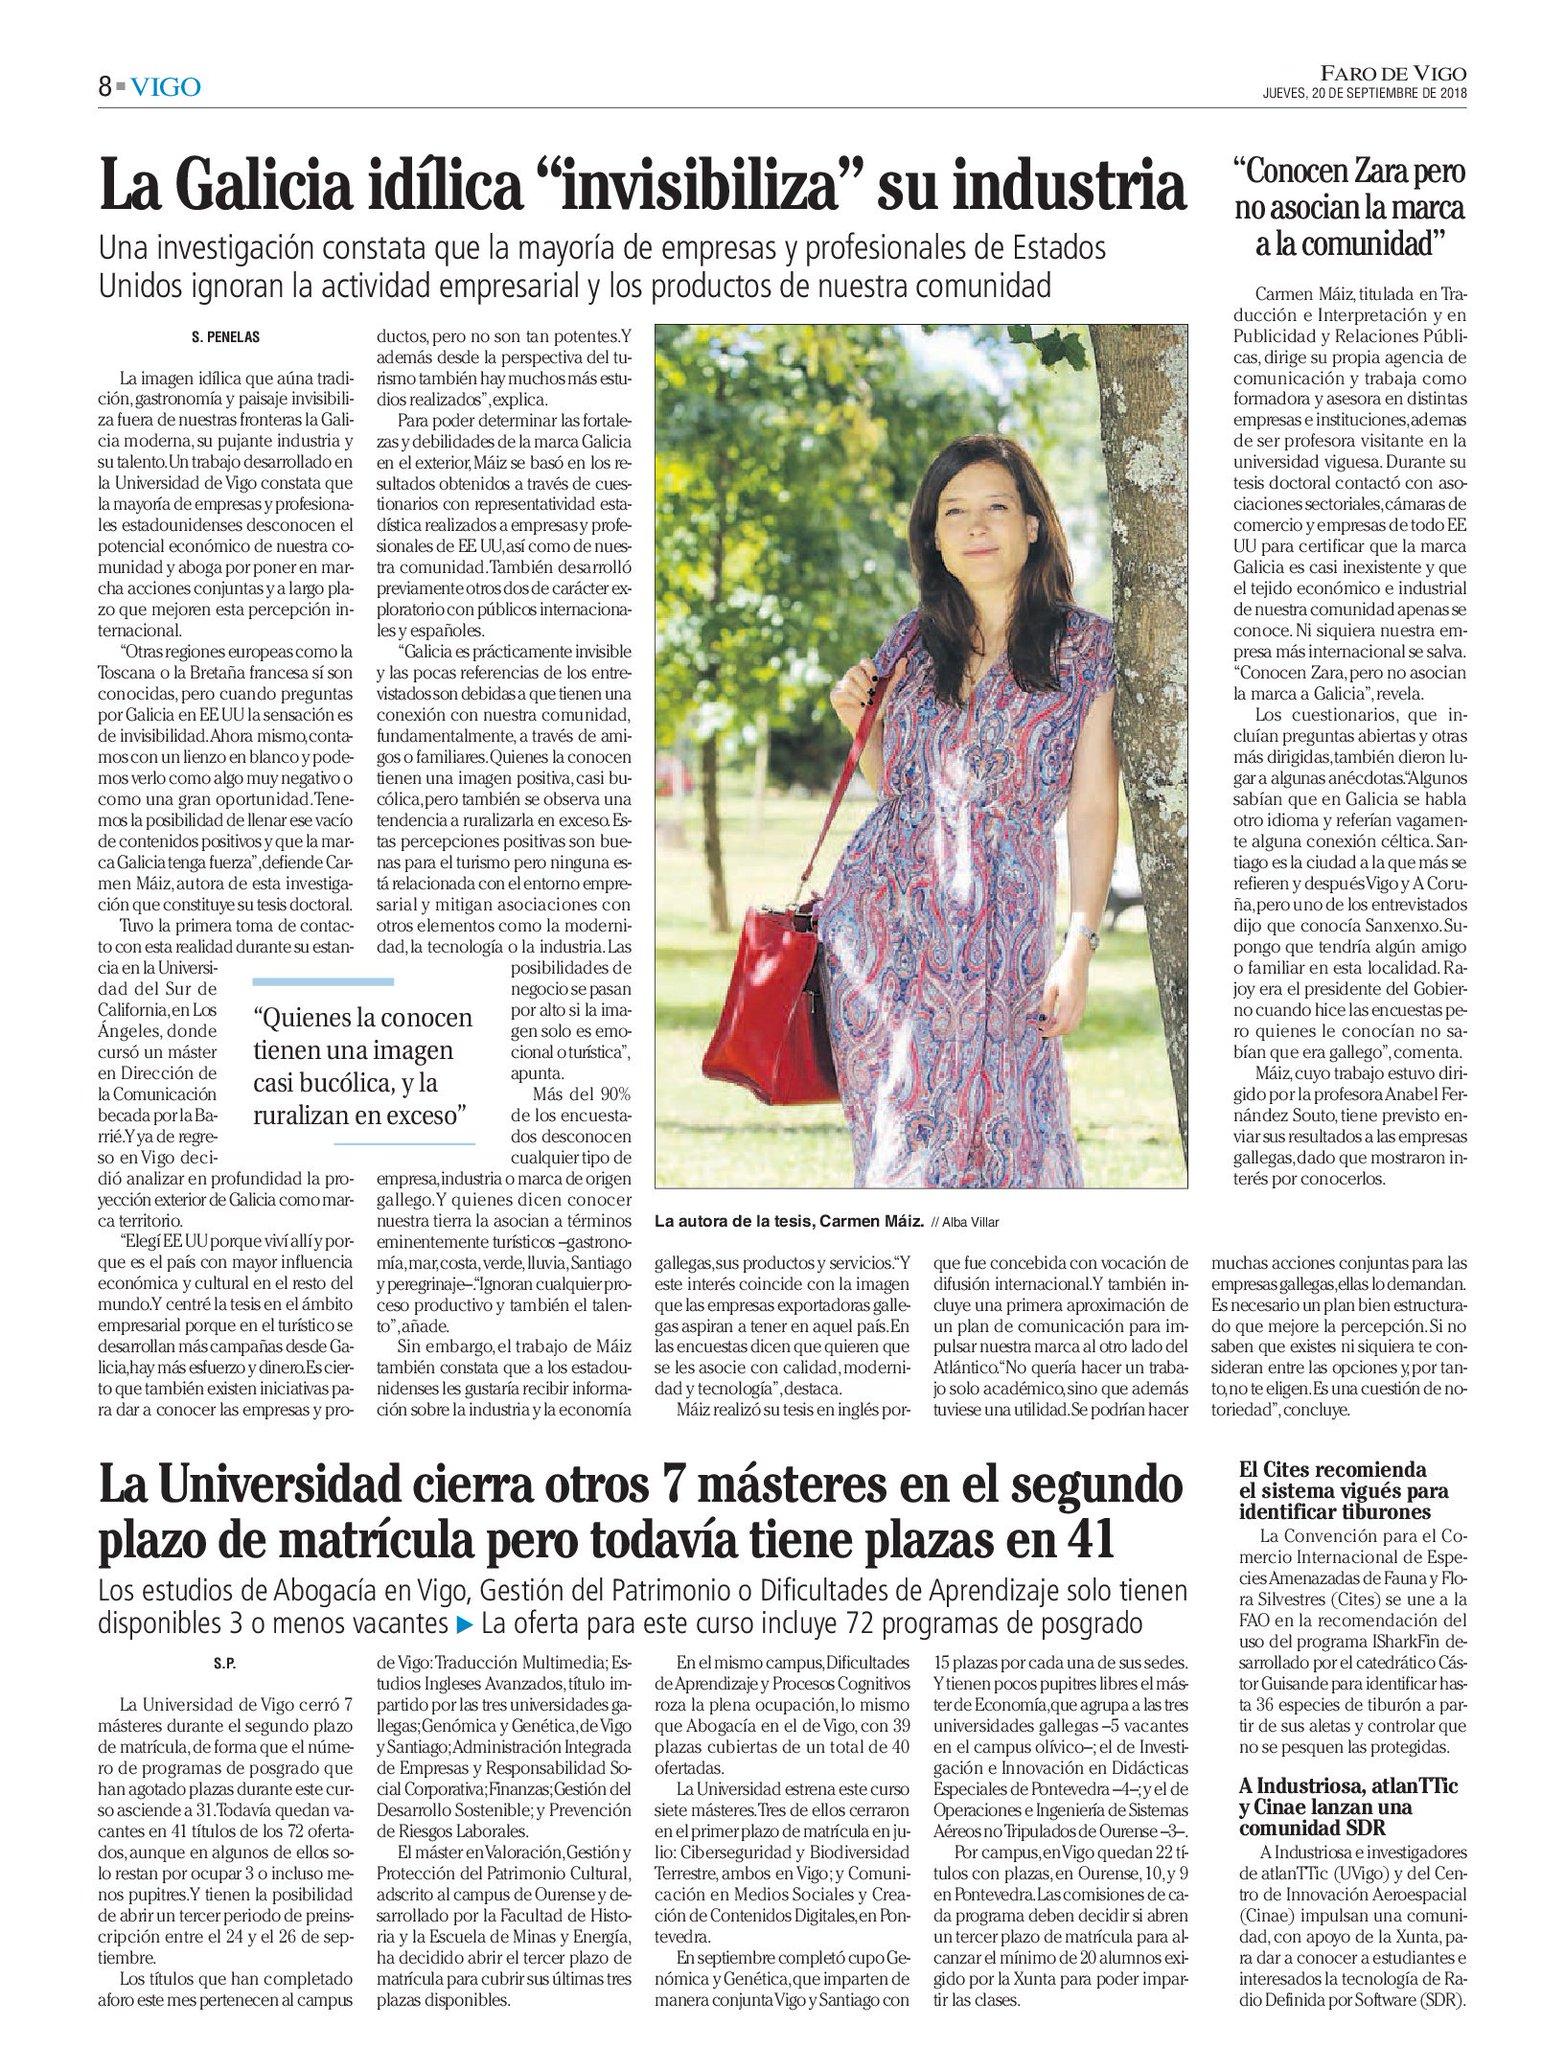 Sandra Penelas On Twitter La Galicia Idílica Invisibiliza